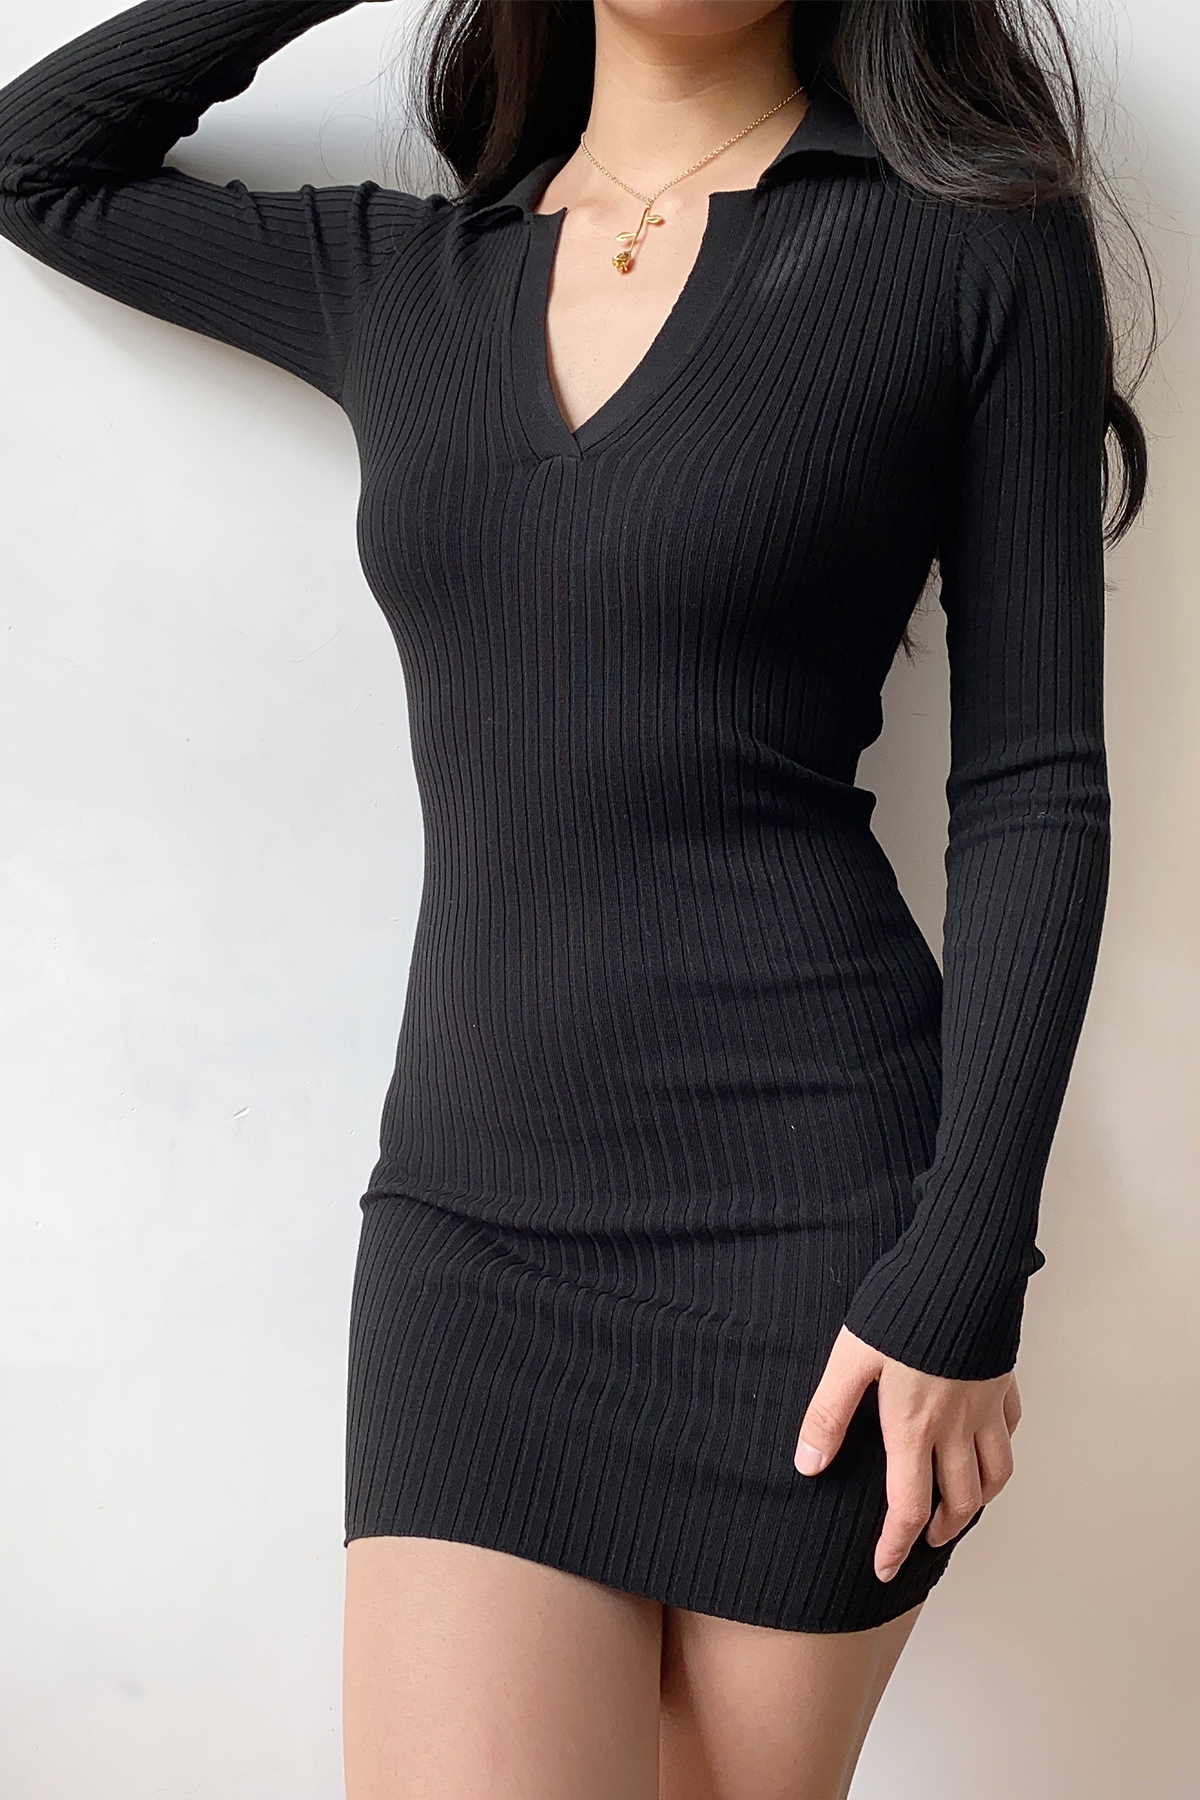 THE MOODSS Armand Mini Dress-1